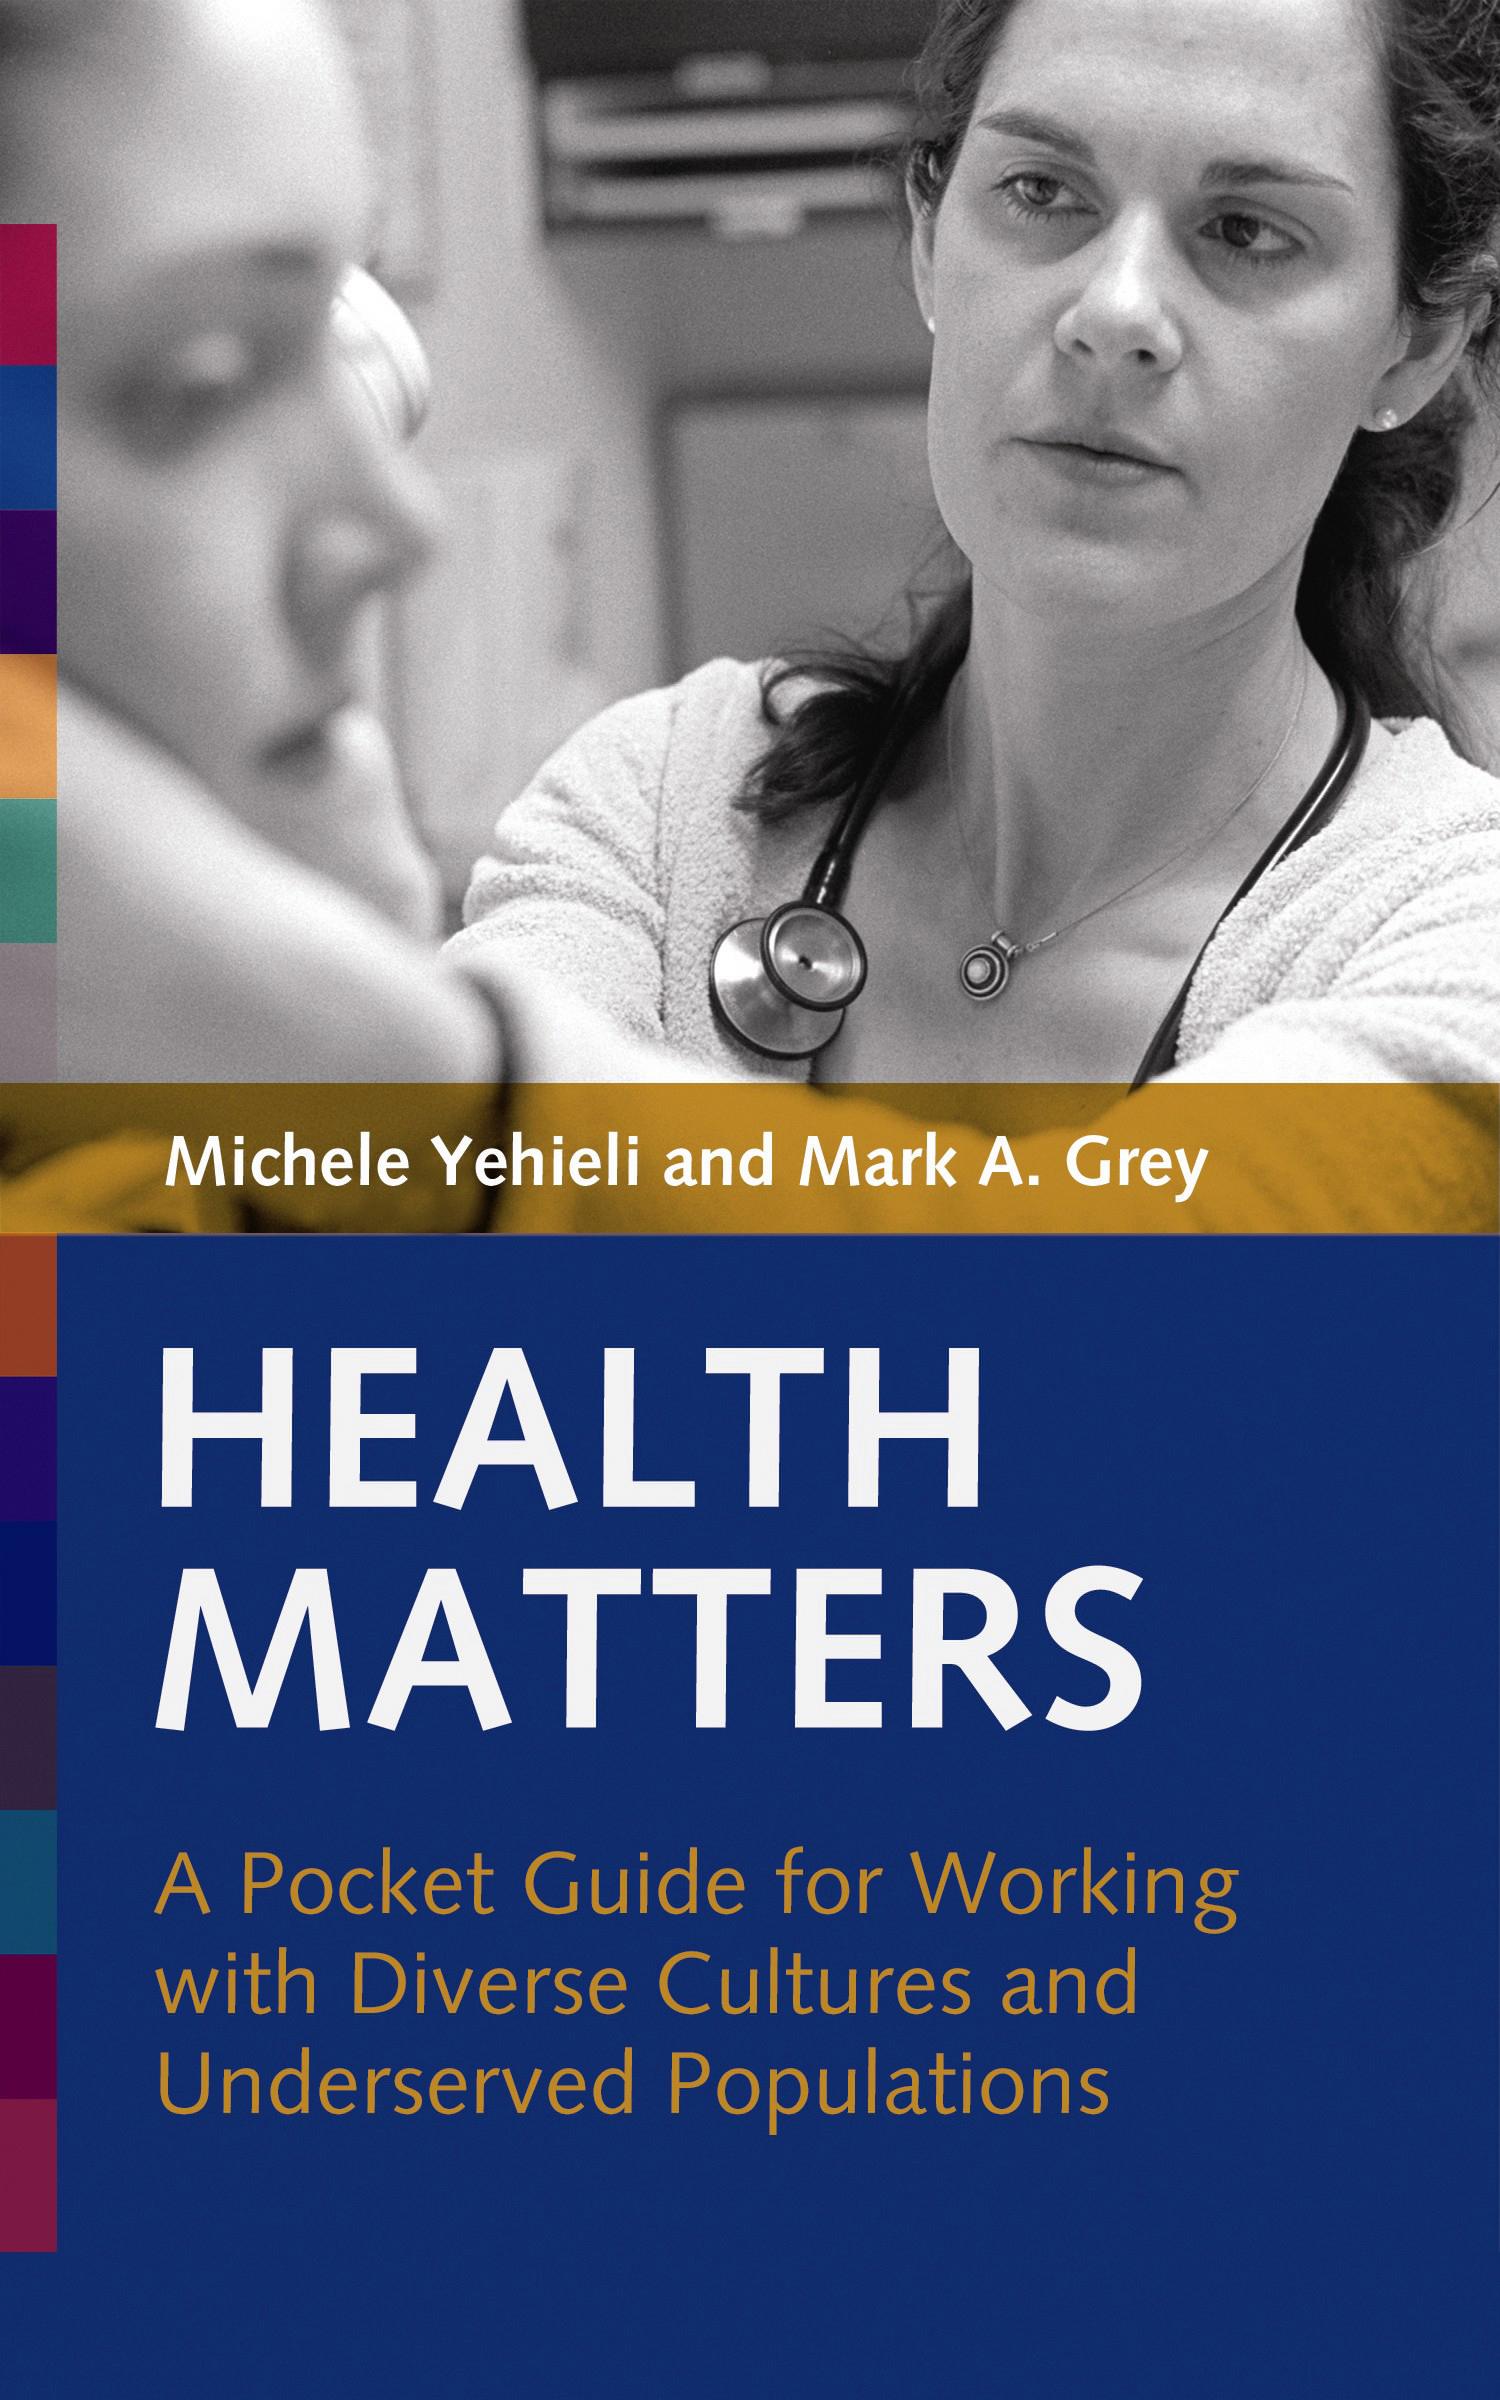 Health Matters hi-res.jpg